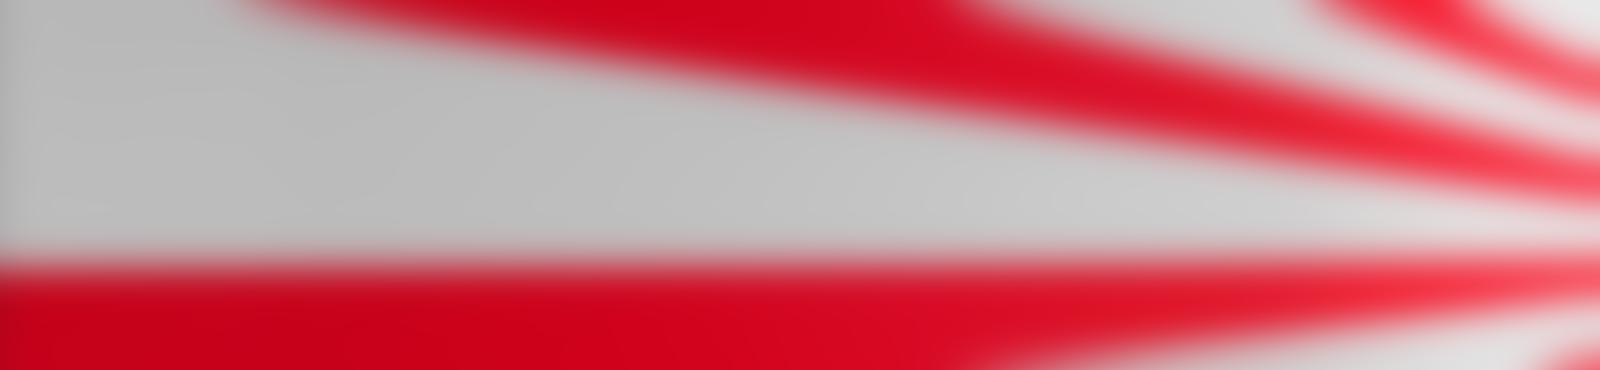 Blurred c6b5b93c 2ad6 4b7d 84d8 6af5676b495f